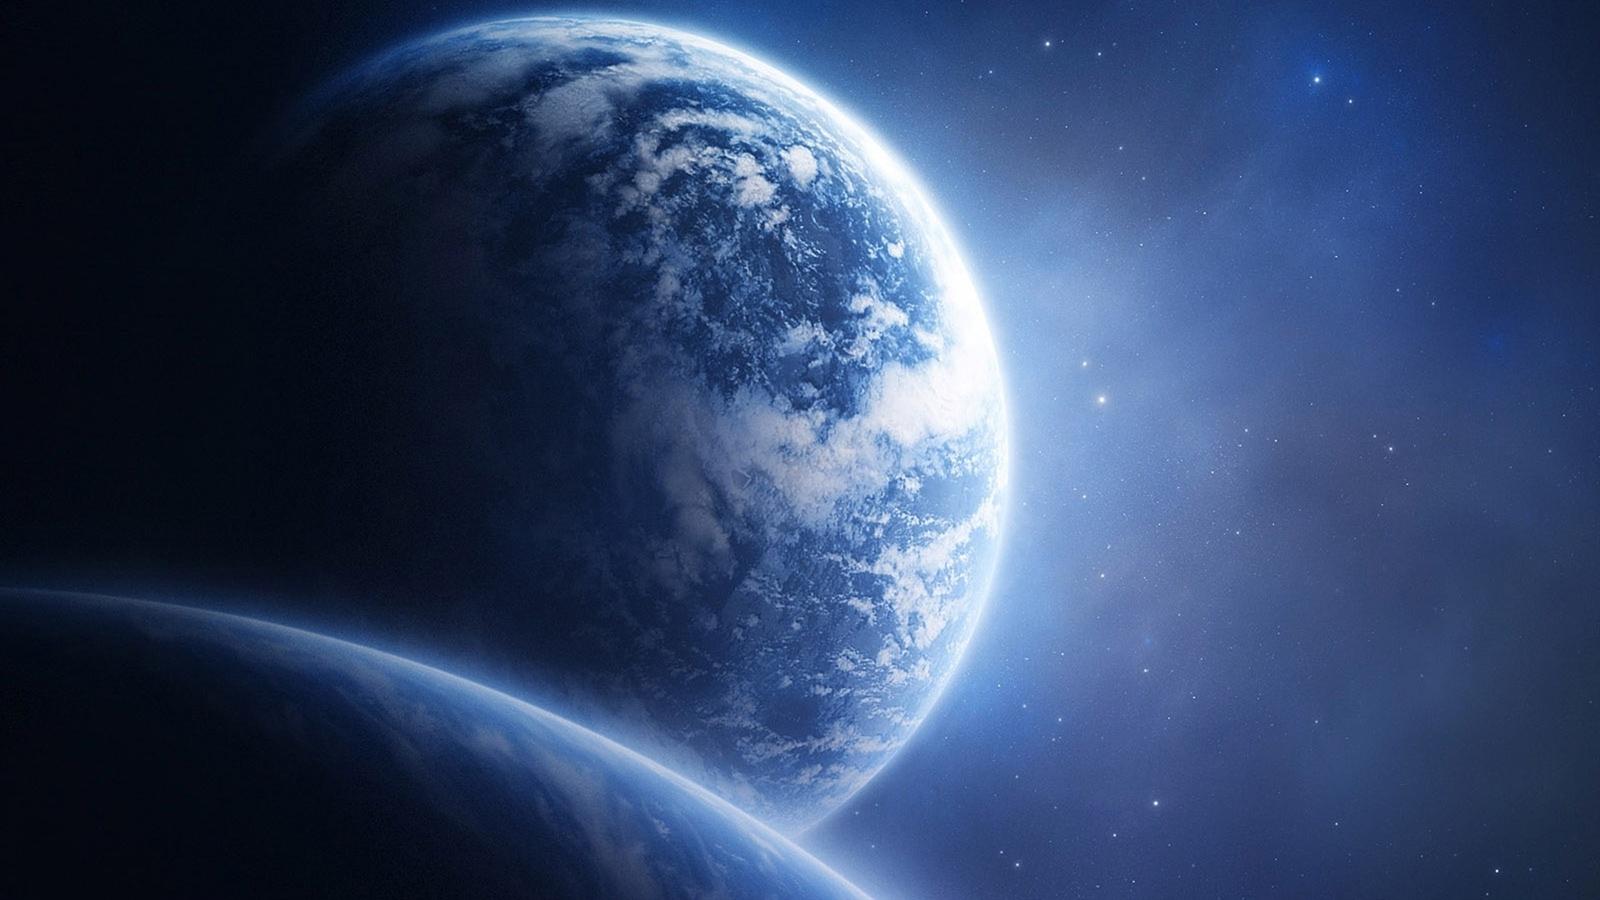 Fonds d'écran Planète Terre depuis l'espace 1920x1080 Full HD 2K image